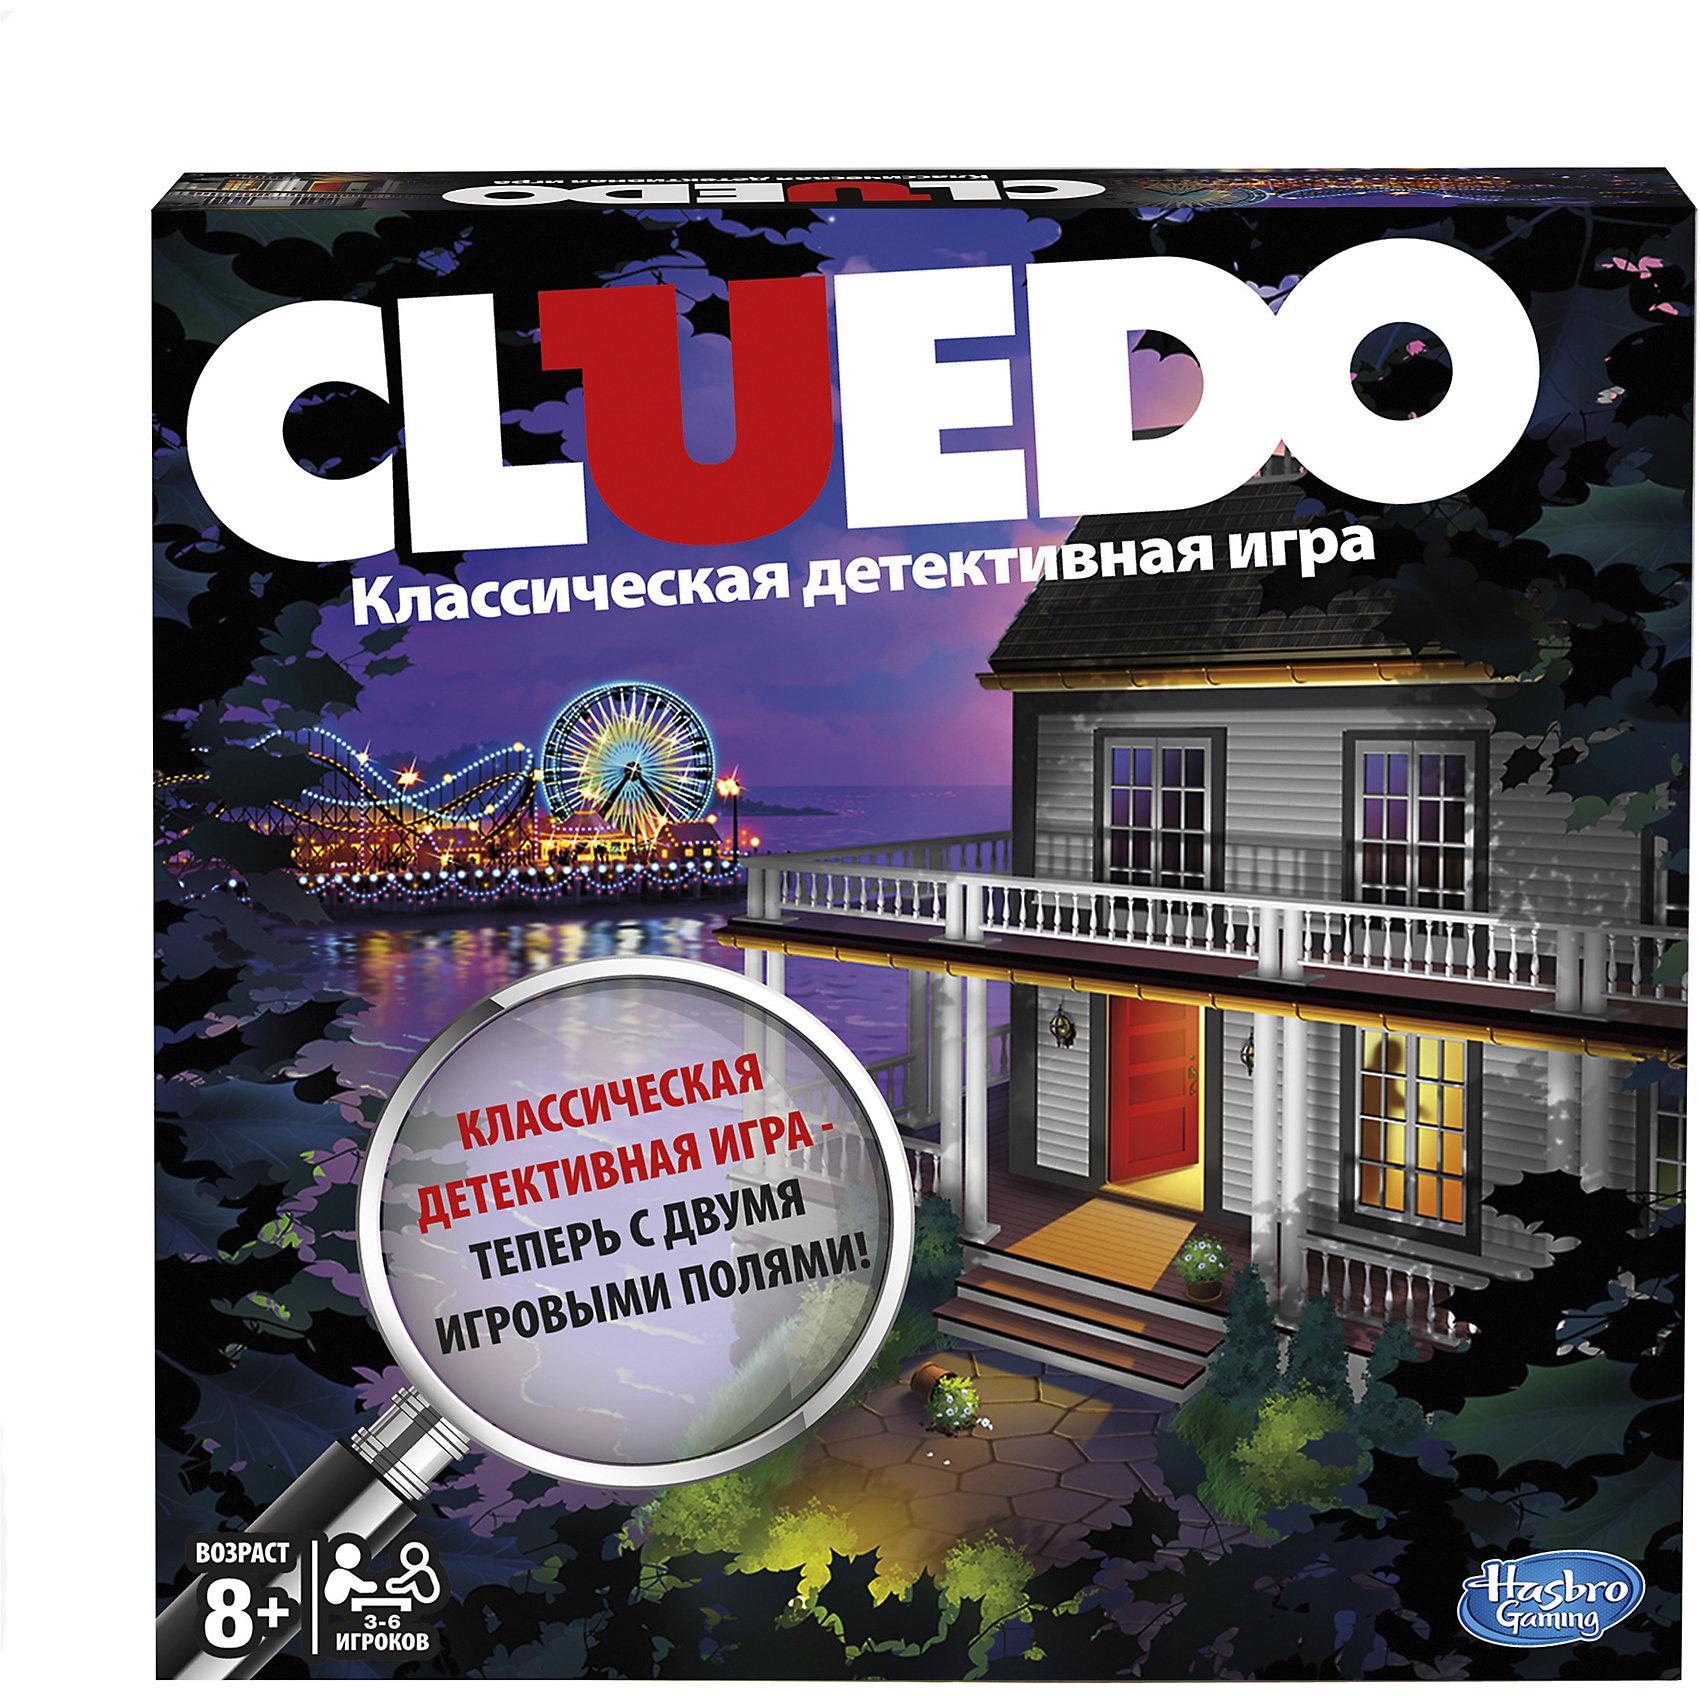 Игра Клуэдо, HasbroИгры для развлечений<br>Классическая детективная игра с двусторонним полем ( с одной стороны - особняк, с другой - пляж). Теперь нужно раскрыть 2 убийства. Побеждает самый внимательный! Раскрой убийство Сэмюэля Блэка и почувствуй себя настоящим сыщиком. <br>Настольная игра - прекрасный вариант проведения досуга, кроме того, она помогает развить логику, интуицию, дедукцию, внимание. Отличный подарок на любой праздник!<br><br>Дополнительная информация:<br><br>- Материал: картон, пластик.<br>- Размер упаковки: 40х27х5 см.<br>- Размер игрового поля: 50?50 см<br>- Высота фишки: 4 см.<br>- Высота фигурки орудий убийства: 3 см.<br>- Размер карточек: 8.5х5,5 см.<br>- Блокнот детектива: 14х10 см.<br>- Комплектация: игровое поле, план особняка, 1 желтый конверт для разгадки убийства, 1 блокнот детектива, 6 фишек персонажей, 21 черная карта Улики, 13 красных карт Бонуса,<br>6 орудий убийства, 2 кубика, правила игры на русском языке.<br>- Количество игроков: от 2 до 6.<br><br>Игру Клуэдо, Hasbro (Хасбро), можно купить в нашем магазине.<br><br>Ширина мм: 50<br>Глубина мм: 267<br>Высота мм: 267<br>Вес г: 733<br>Возраст от месяцев: 96<br>Возраст до месяцев: 144<br>Пол: Унисекс<br>Возраст: Детский<br>SKU: 4558528